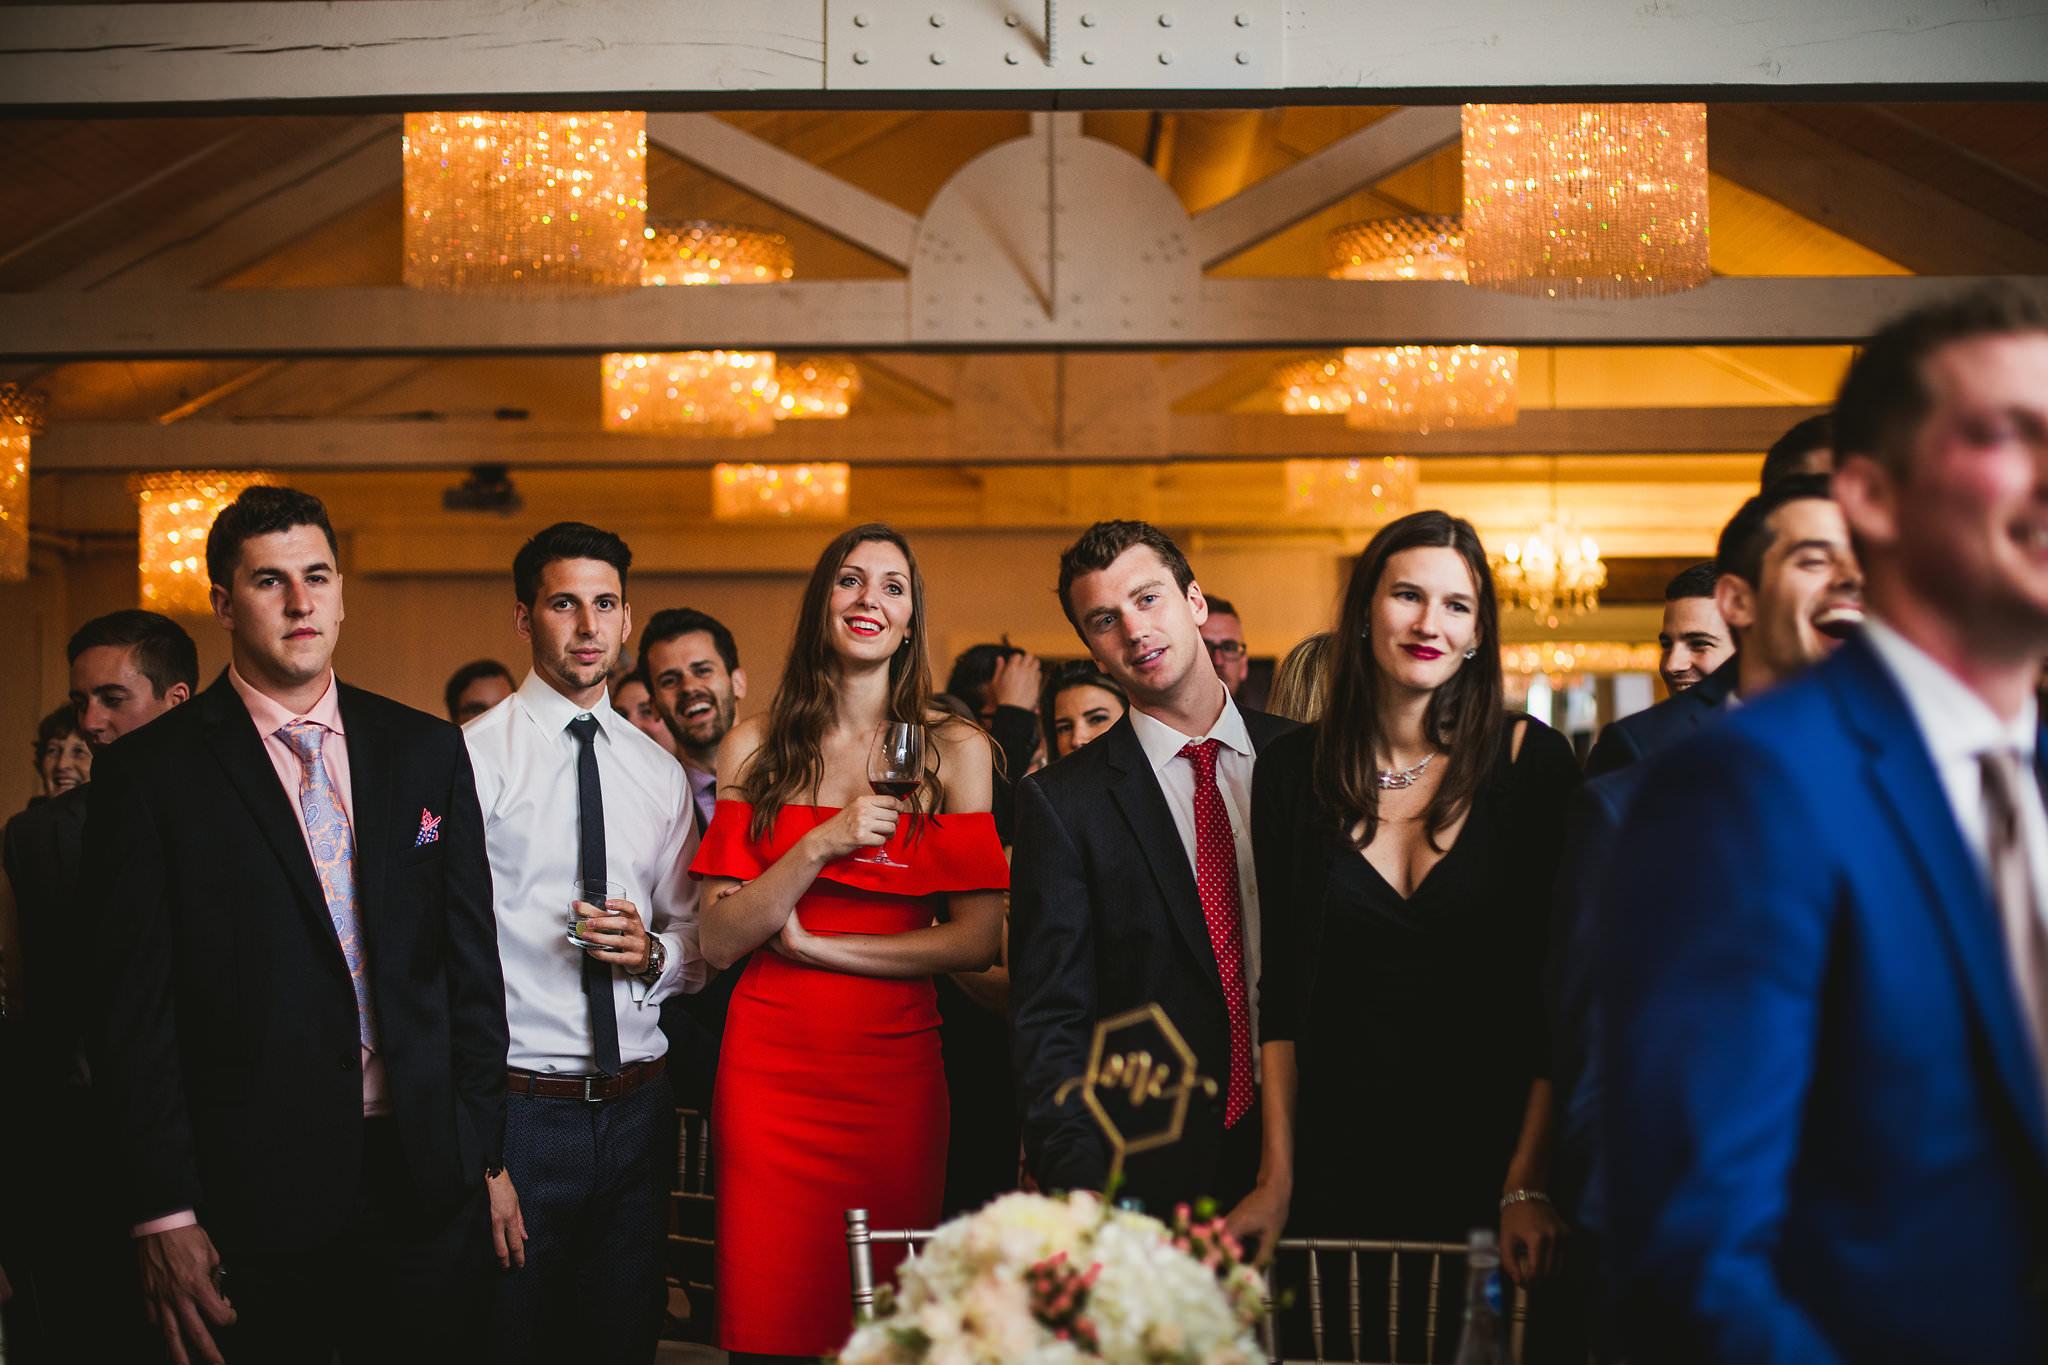 whistlebearweddingphotos 838 - Whistle Bear Wedding Photos